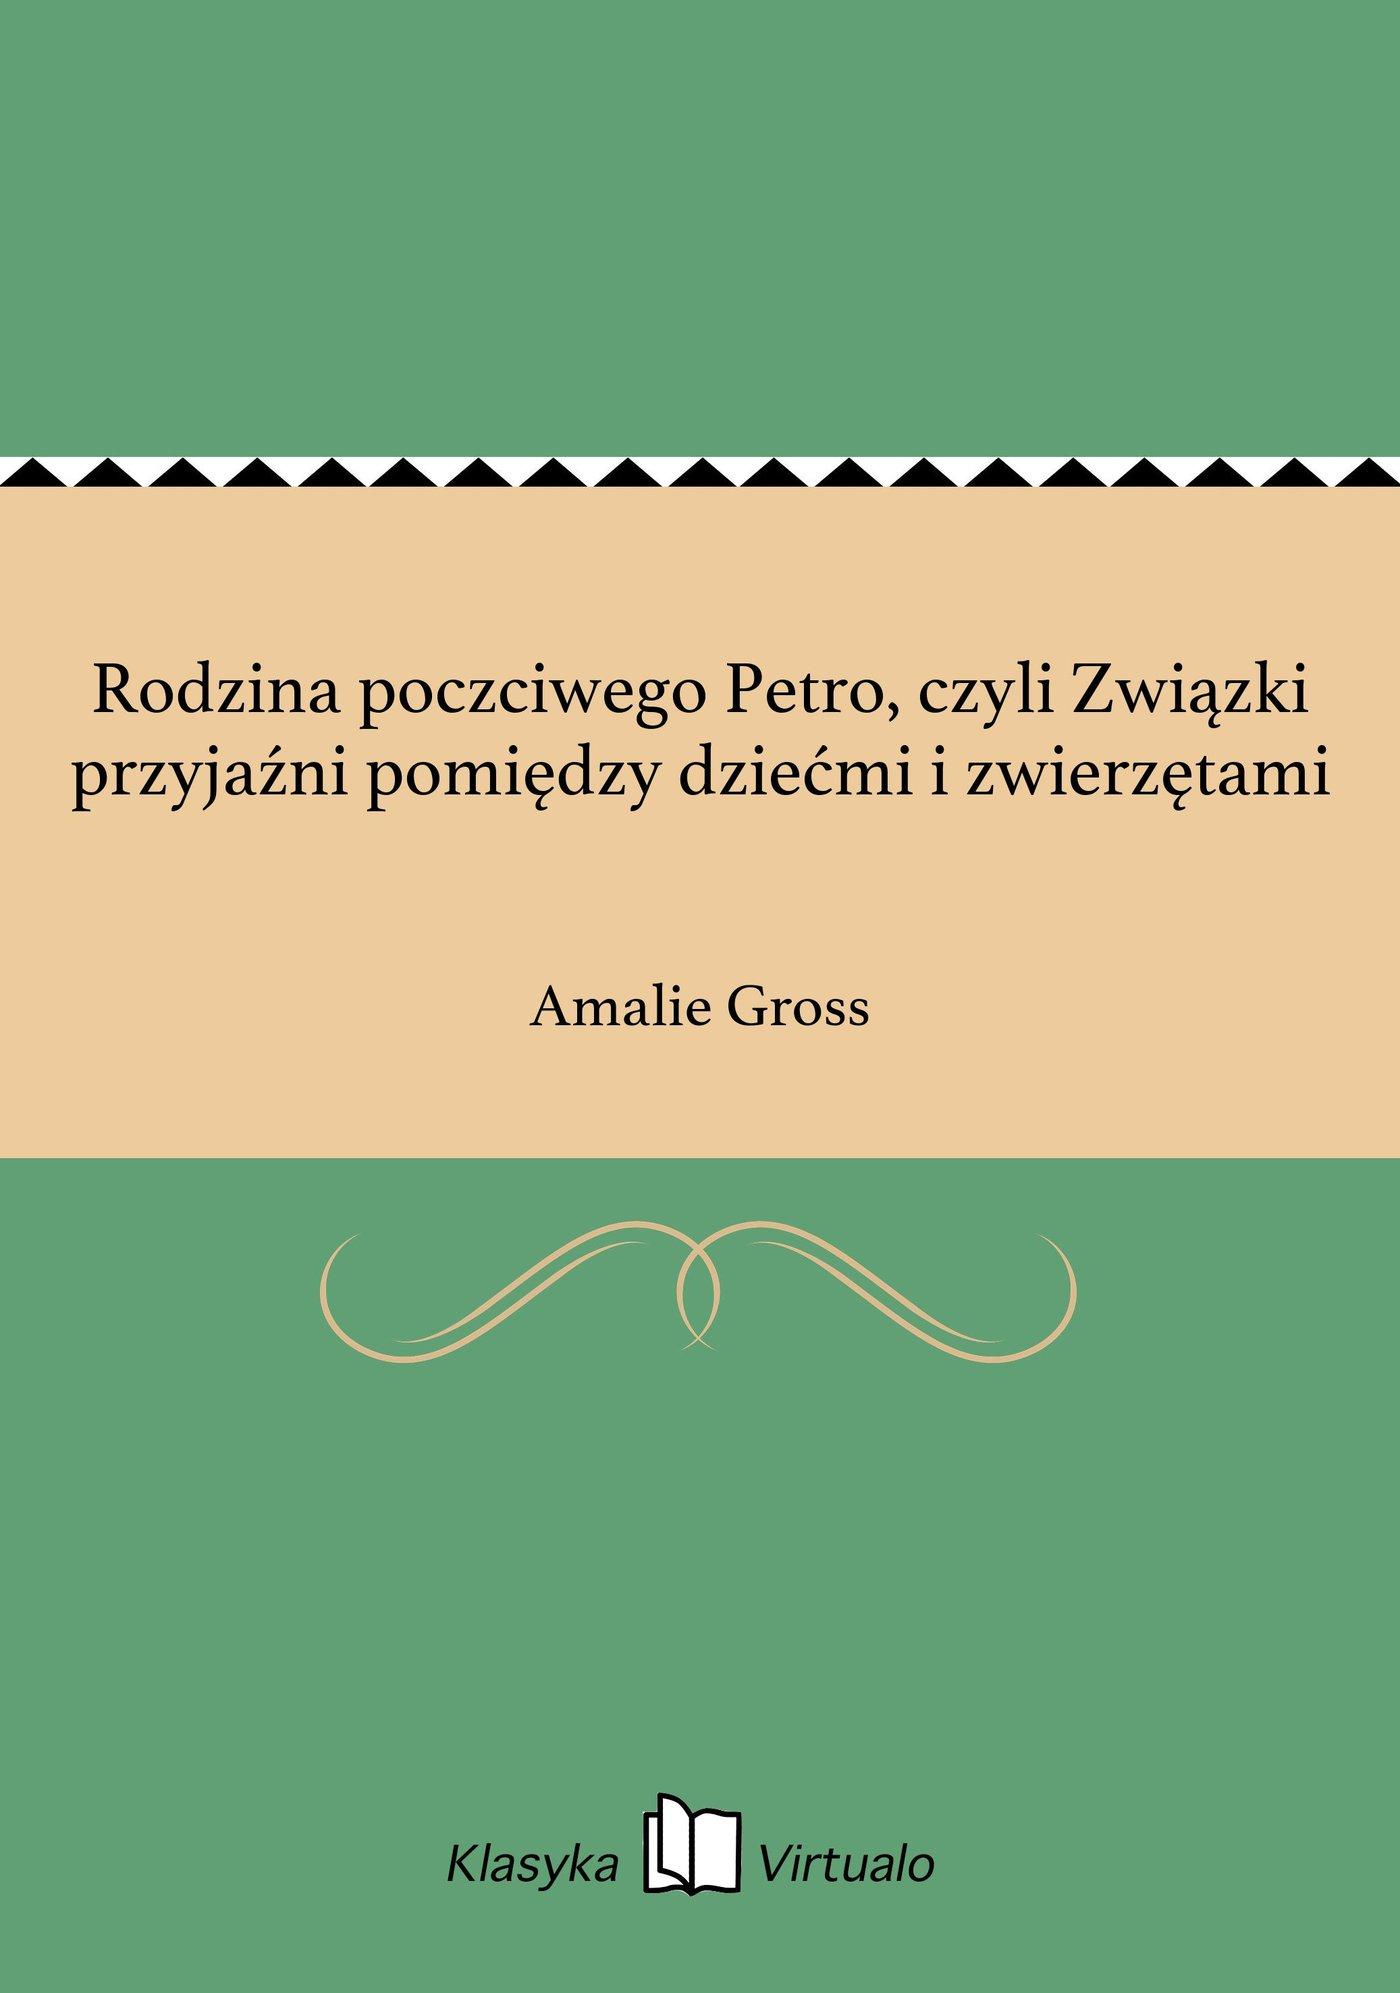 Rodzina poczciwego Petro, czyli Związki przyjaźni pomiędzy dziećmi i zwierzętami - Ebook (Książka EPUB) do pobrania w formacie EPUB